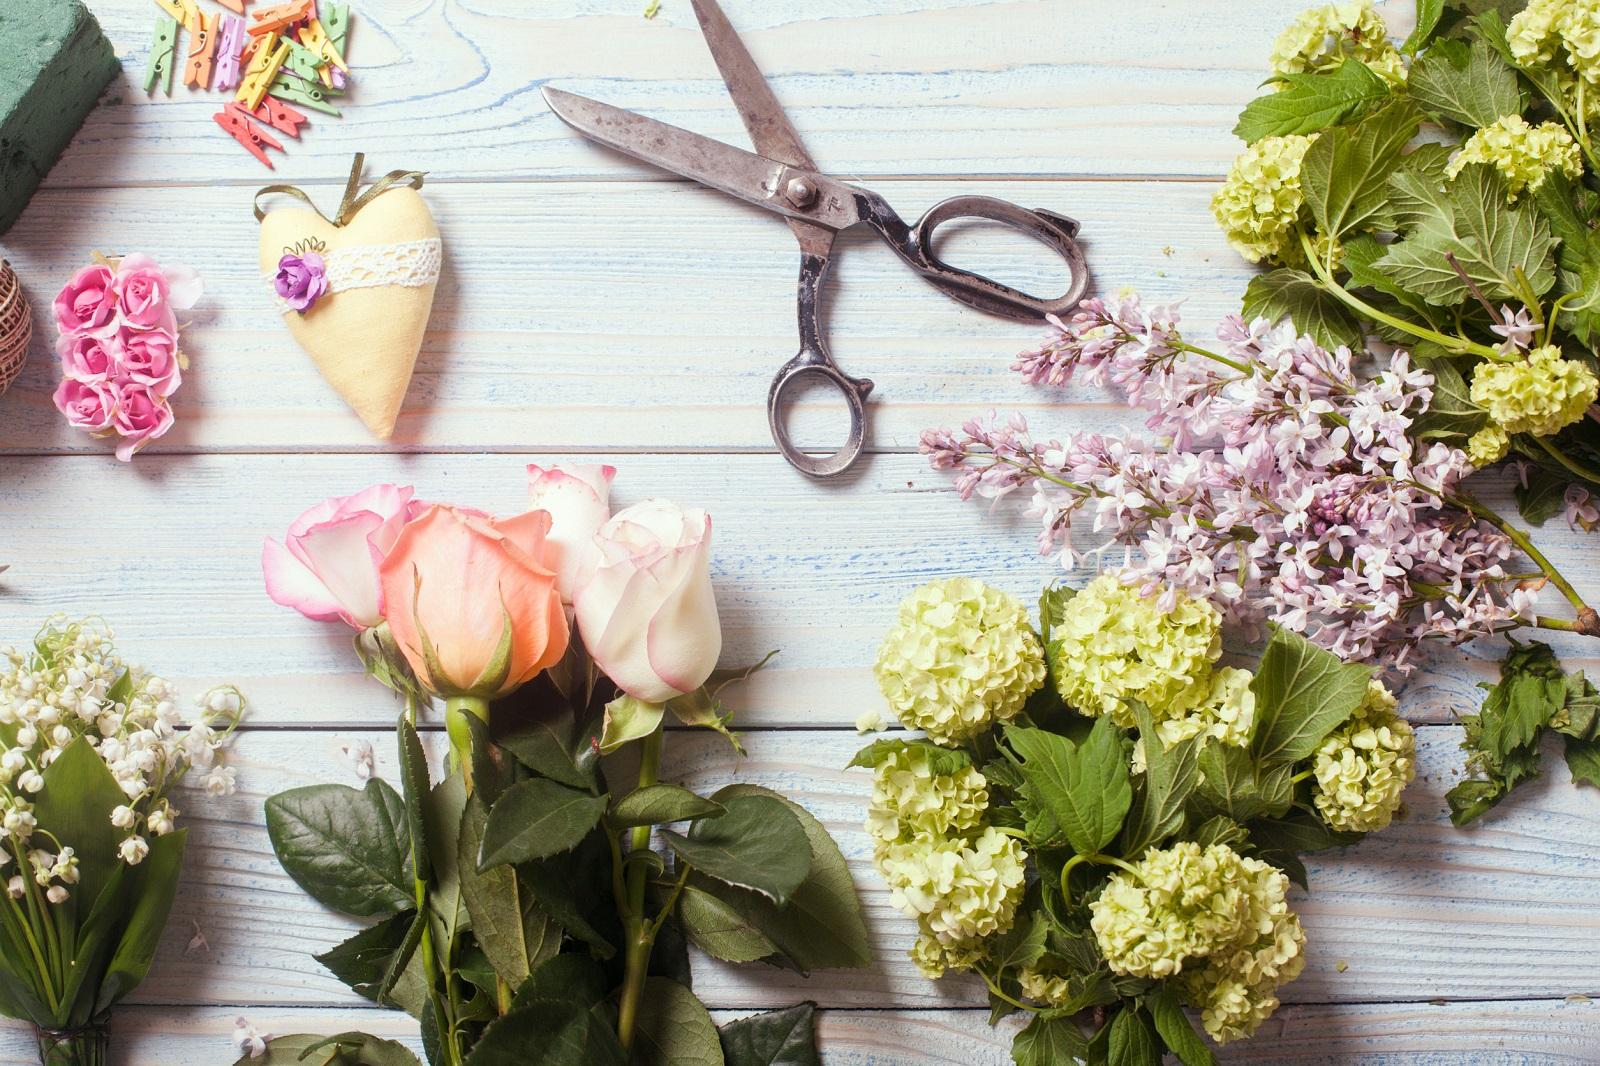 Cómo hacer arreglos florales llenos de armonía